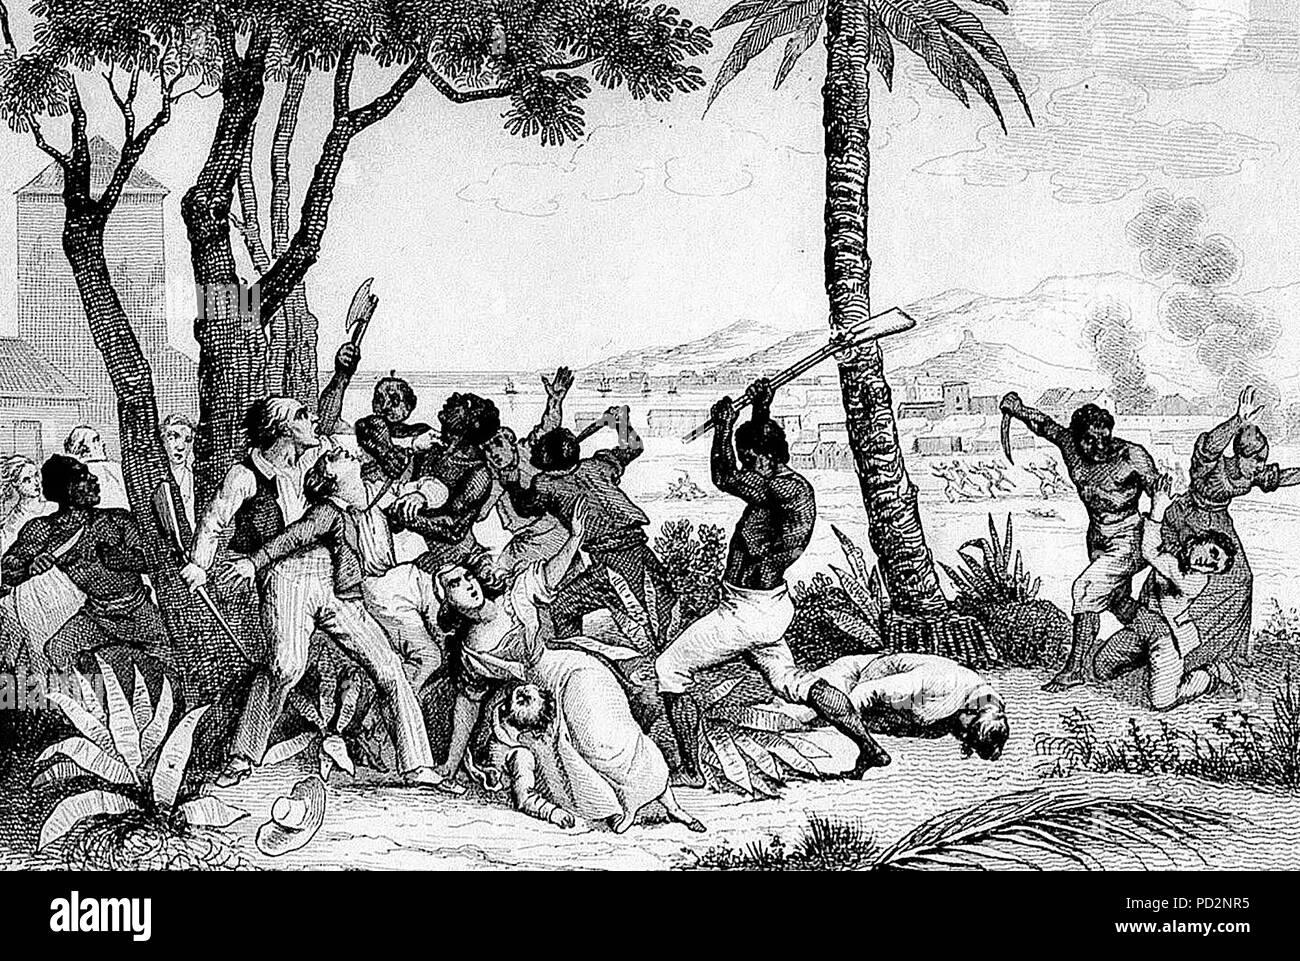 """Rebelión de esclavos de 1791 - Quema de la Plaine du Cap - Masacre de los blancos por los negros"""". El 22 de agosto de 1791, los esclavos, prendieron fuego a las plantaciones, ciudades incendiadas y masacraron a la población blanca. Imagen De Stock"""